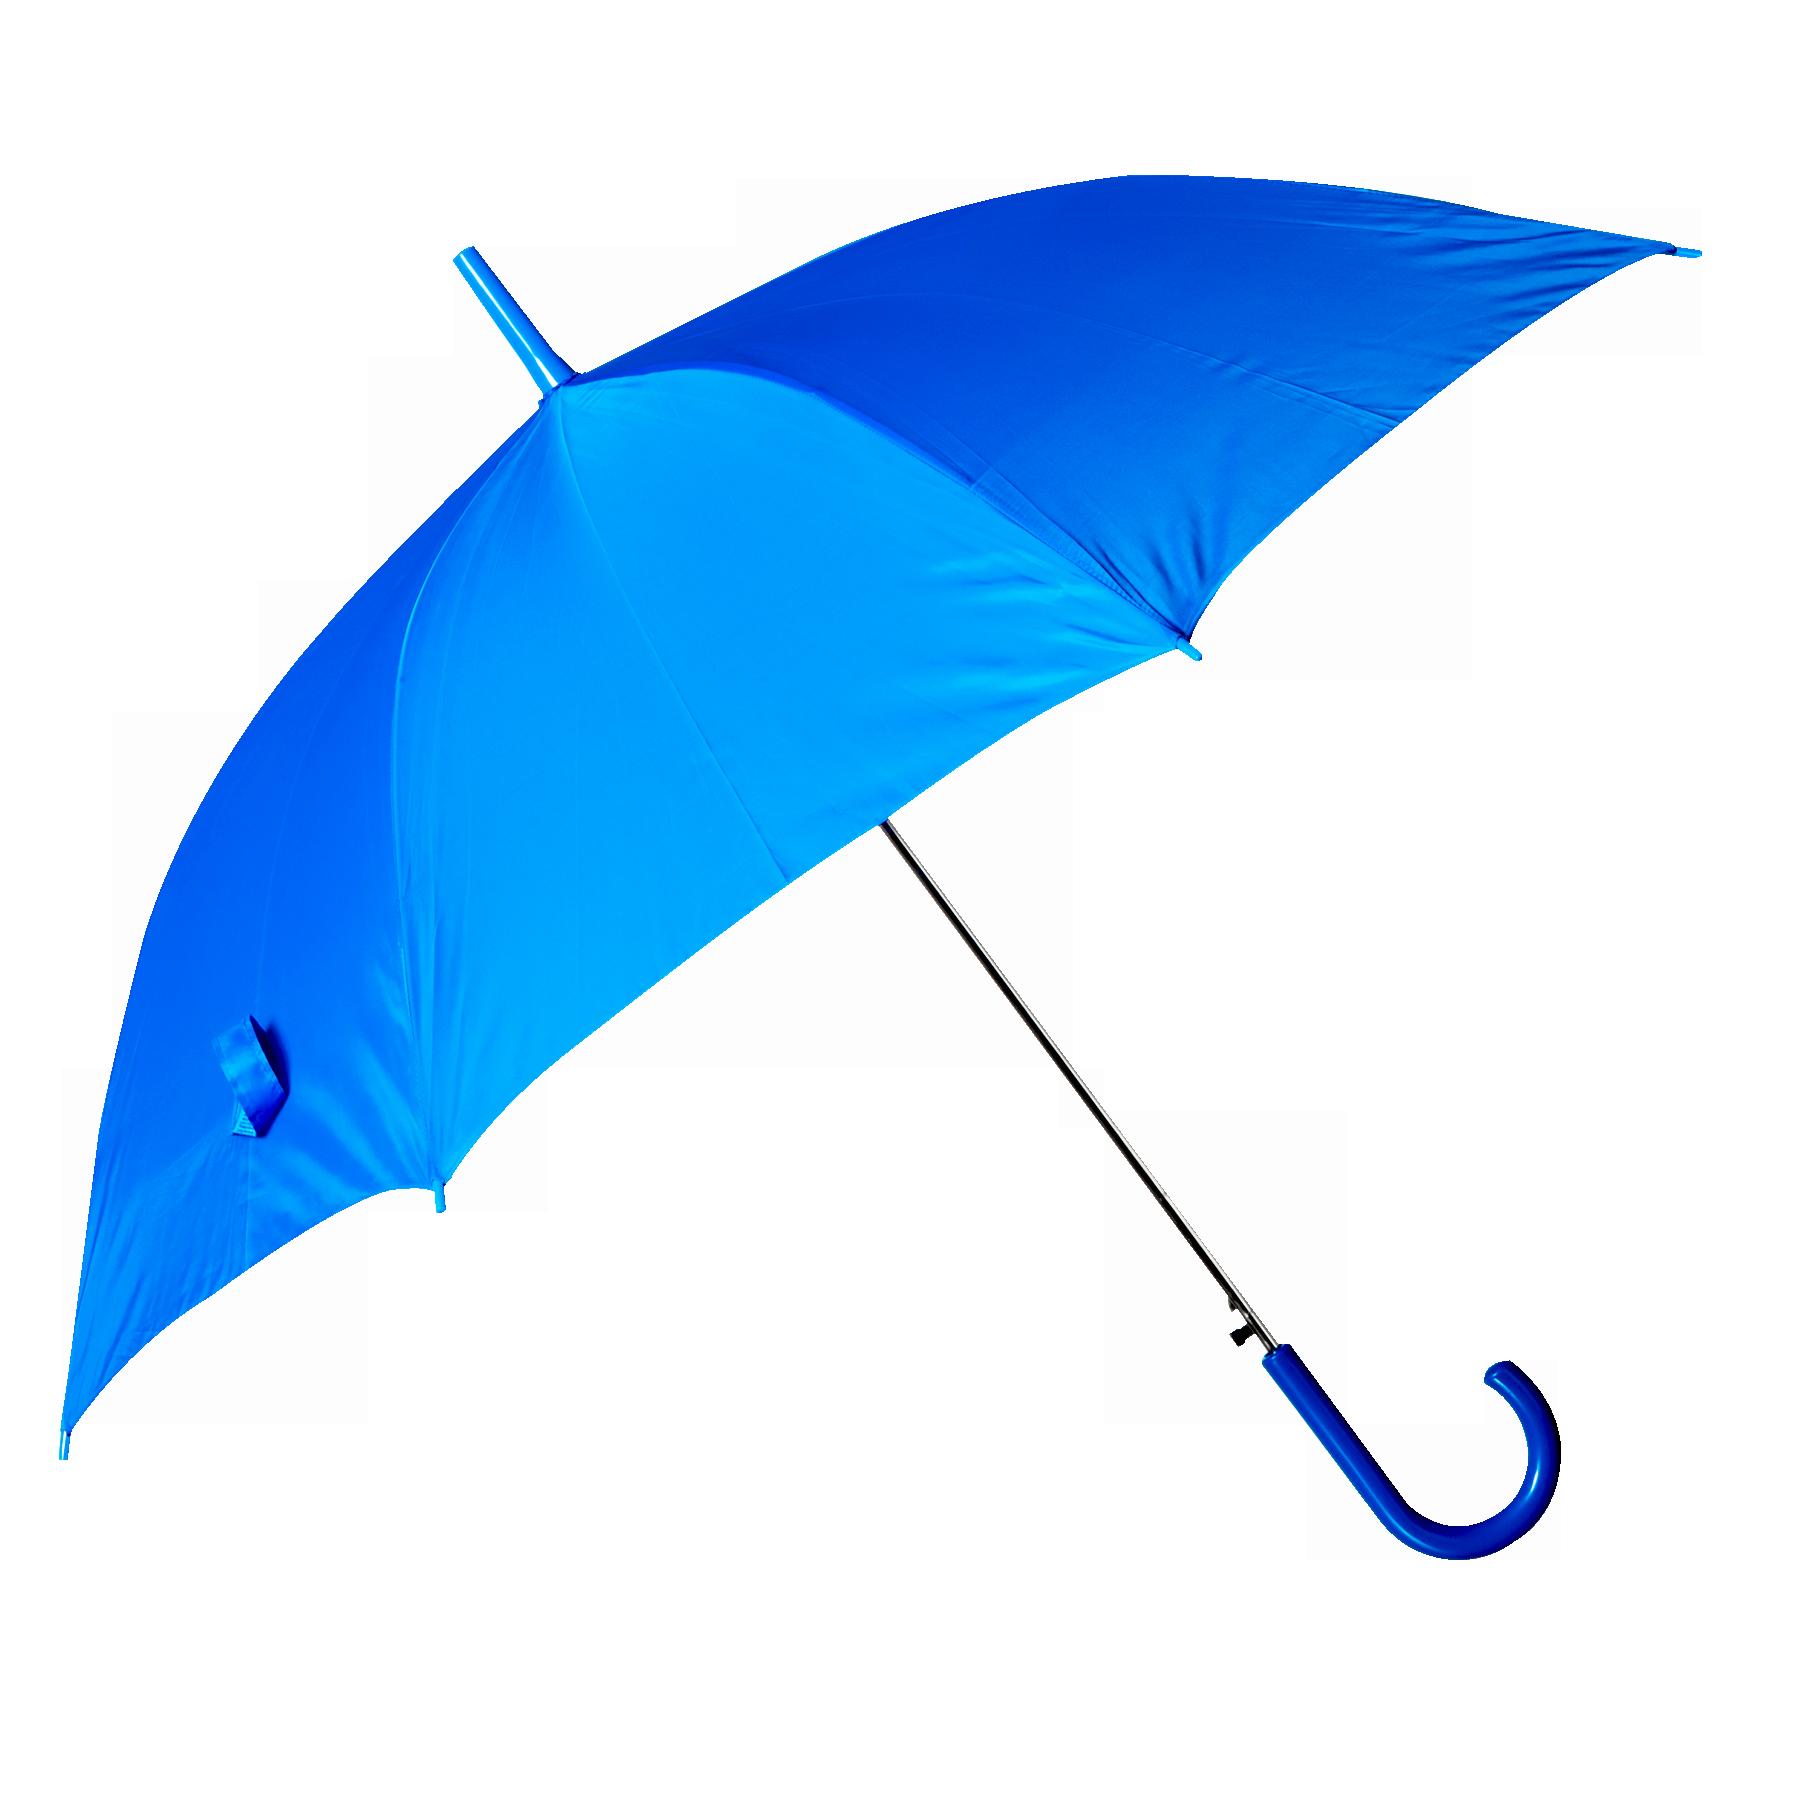 Umbrella HD PNG - 91404